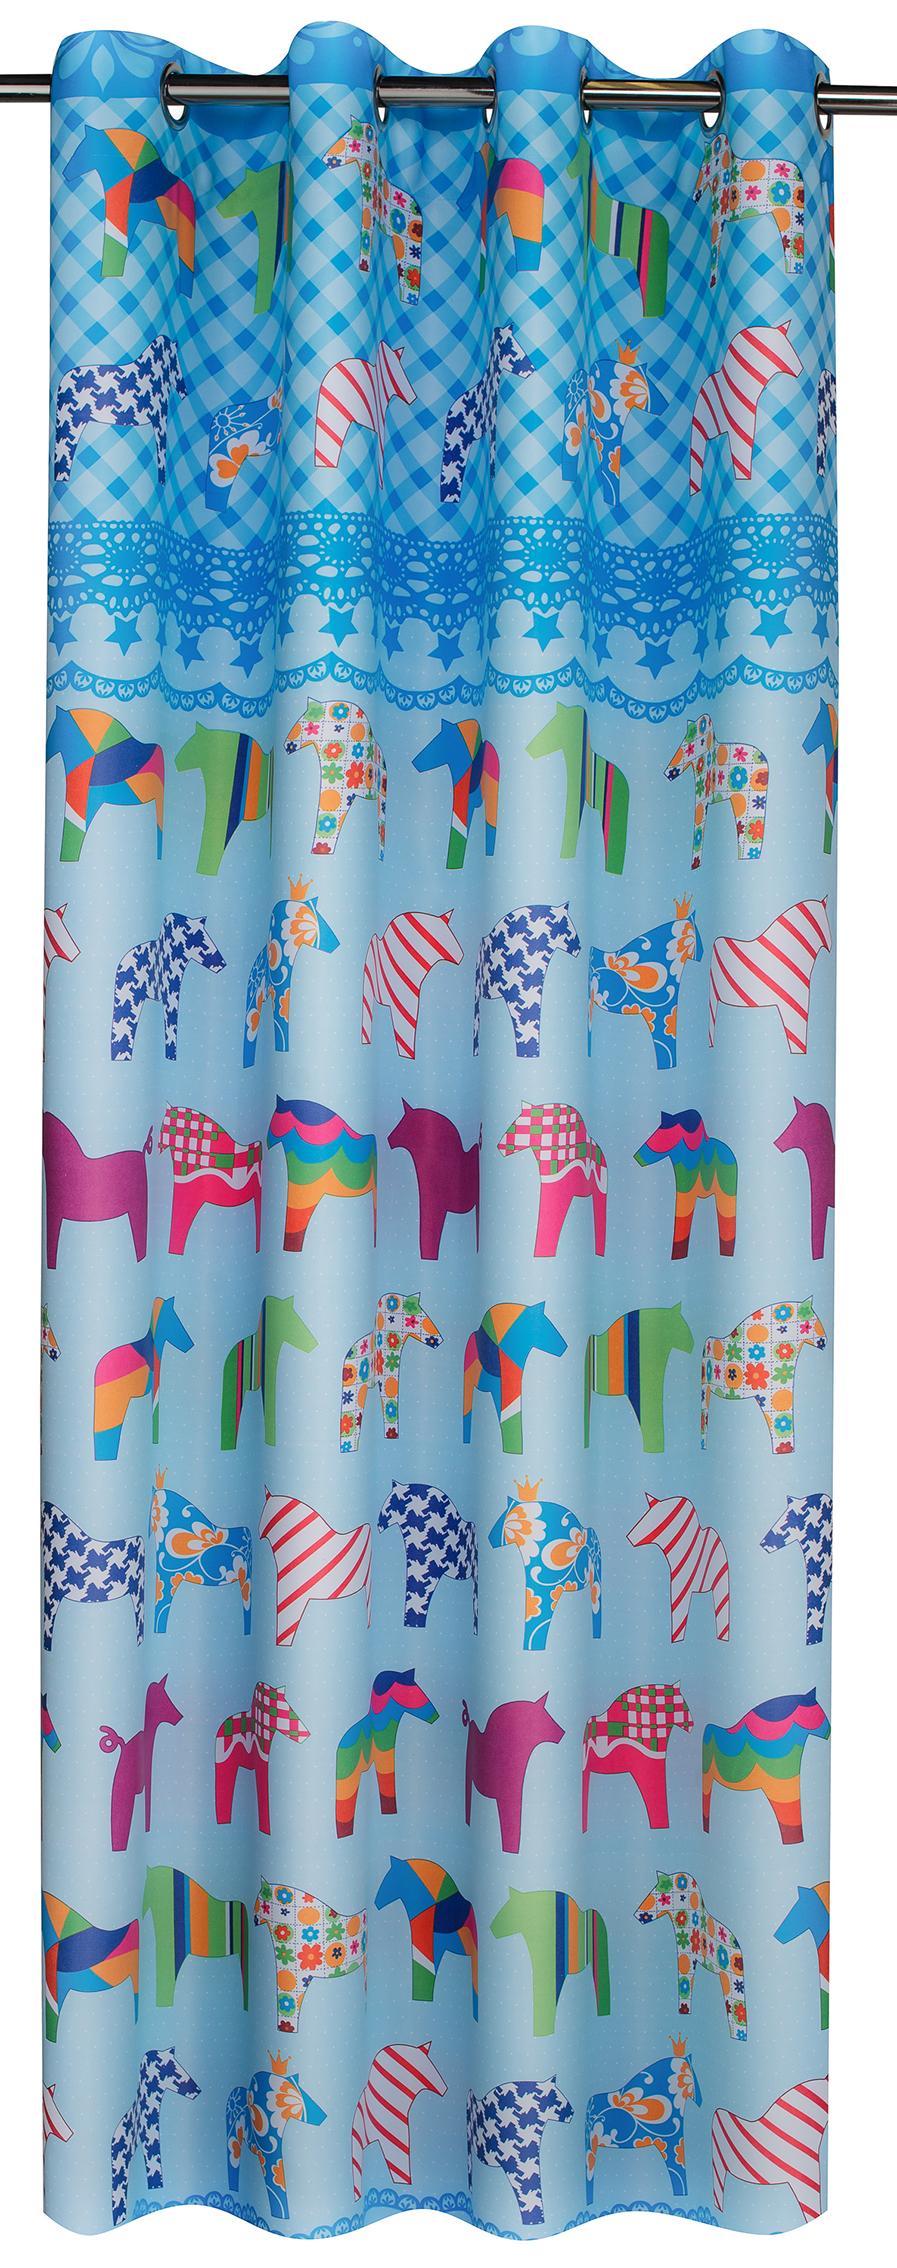 rideau pour chambre d enfant motifs petits chevaux rose homemaison vente en ligne rideaux. Black Bedroom Furniture Sets. Home Design Ideas